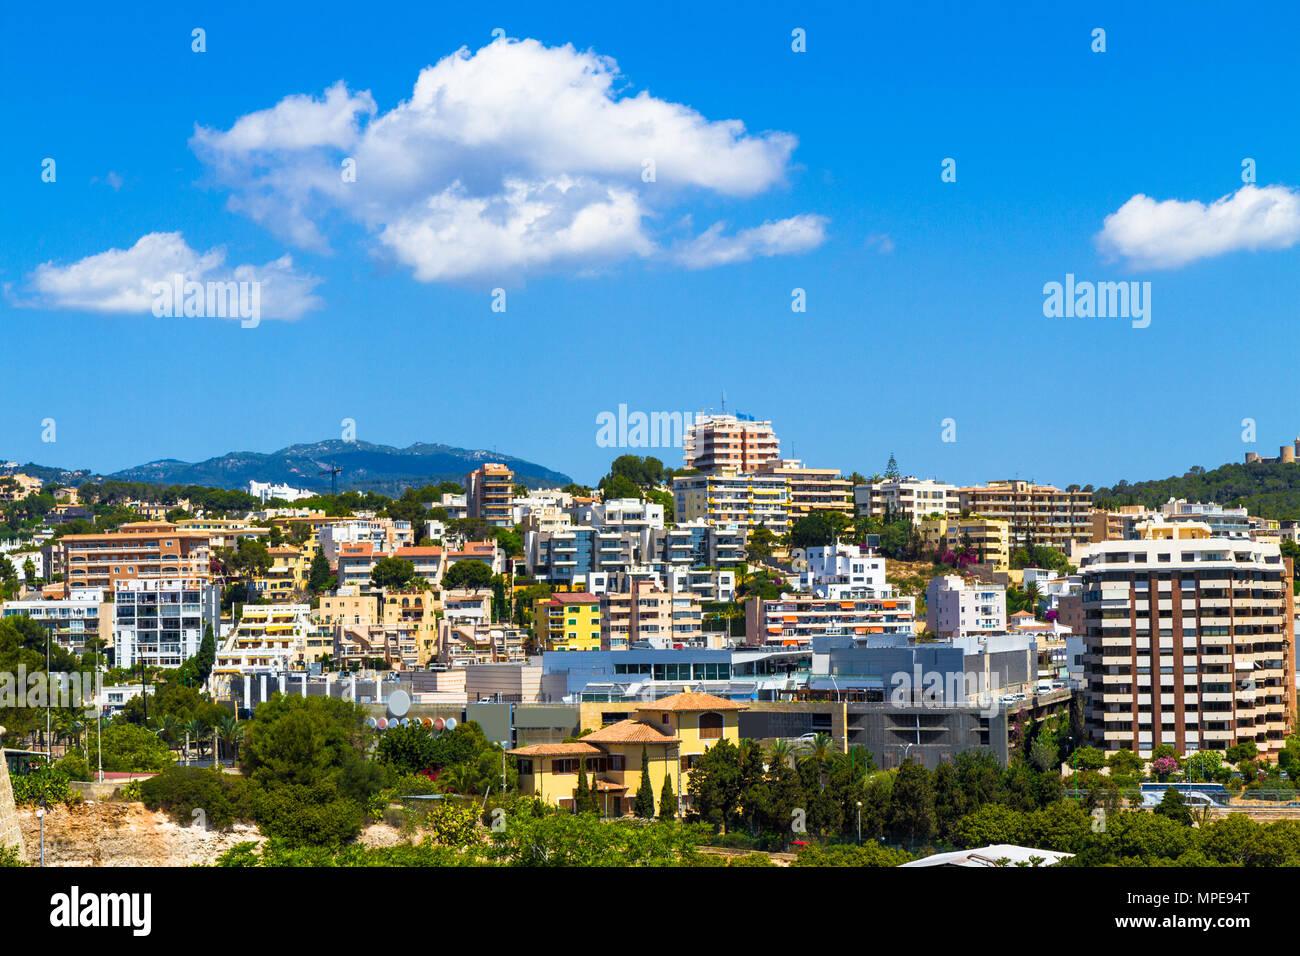 Vue panoramique sur la banlieue de Palma de Majorque en été journée ensoleillée matin. Photo Stock